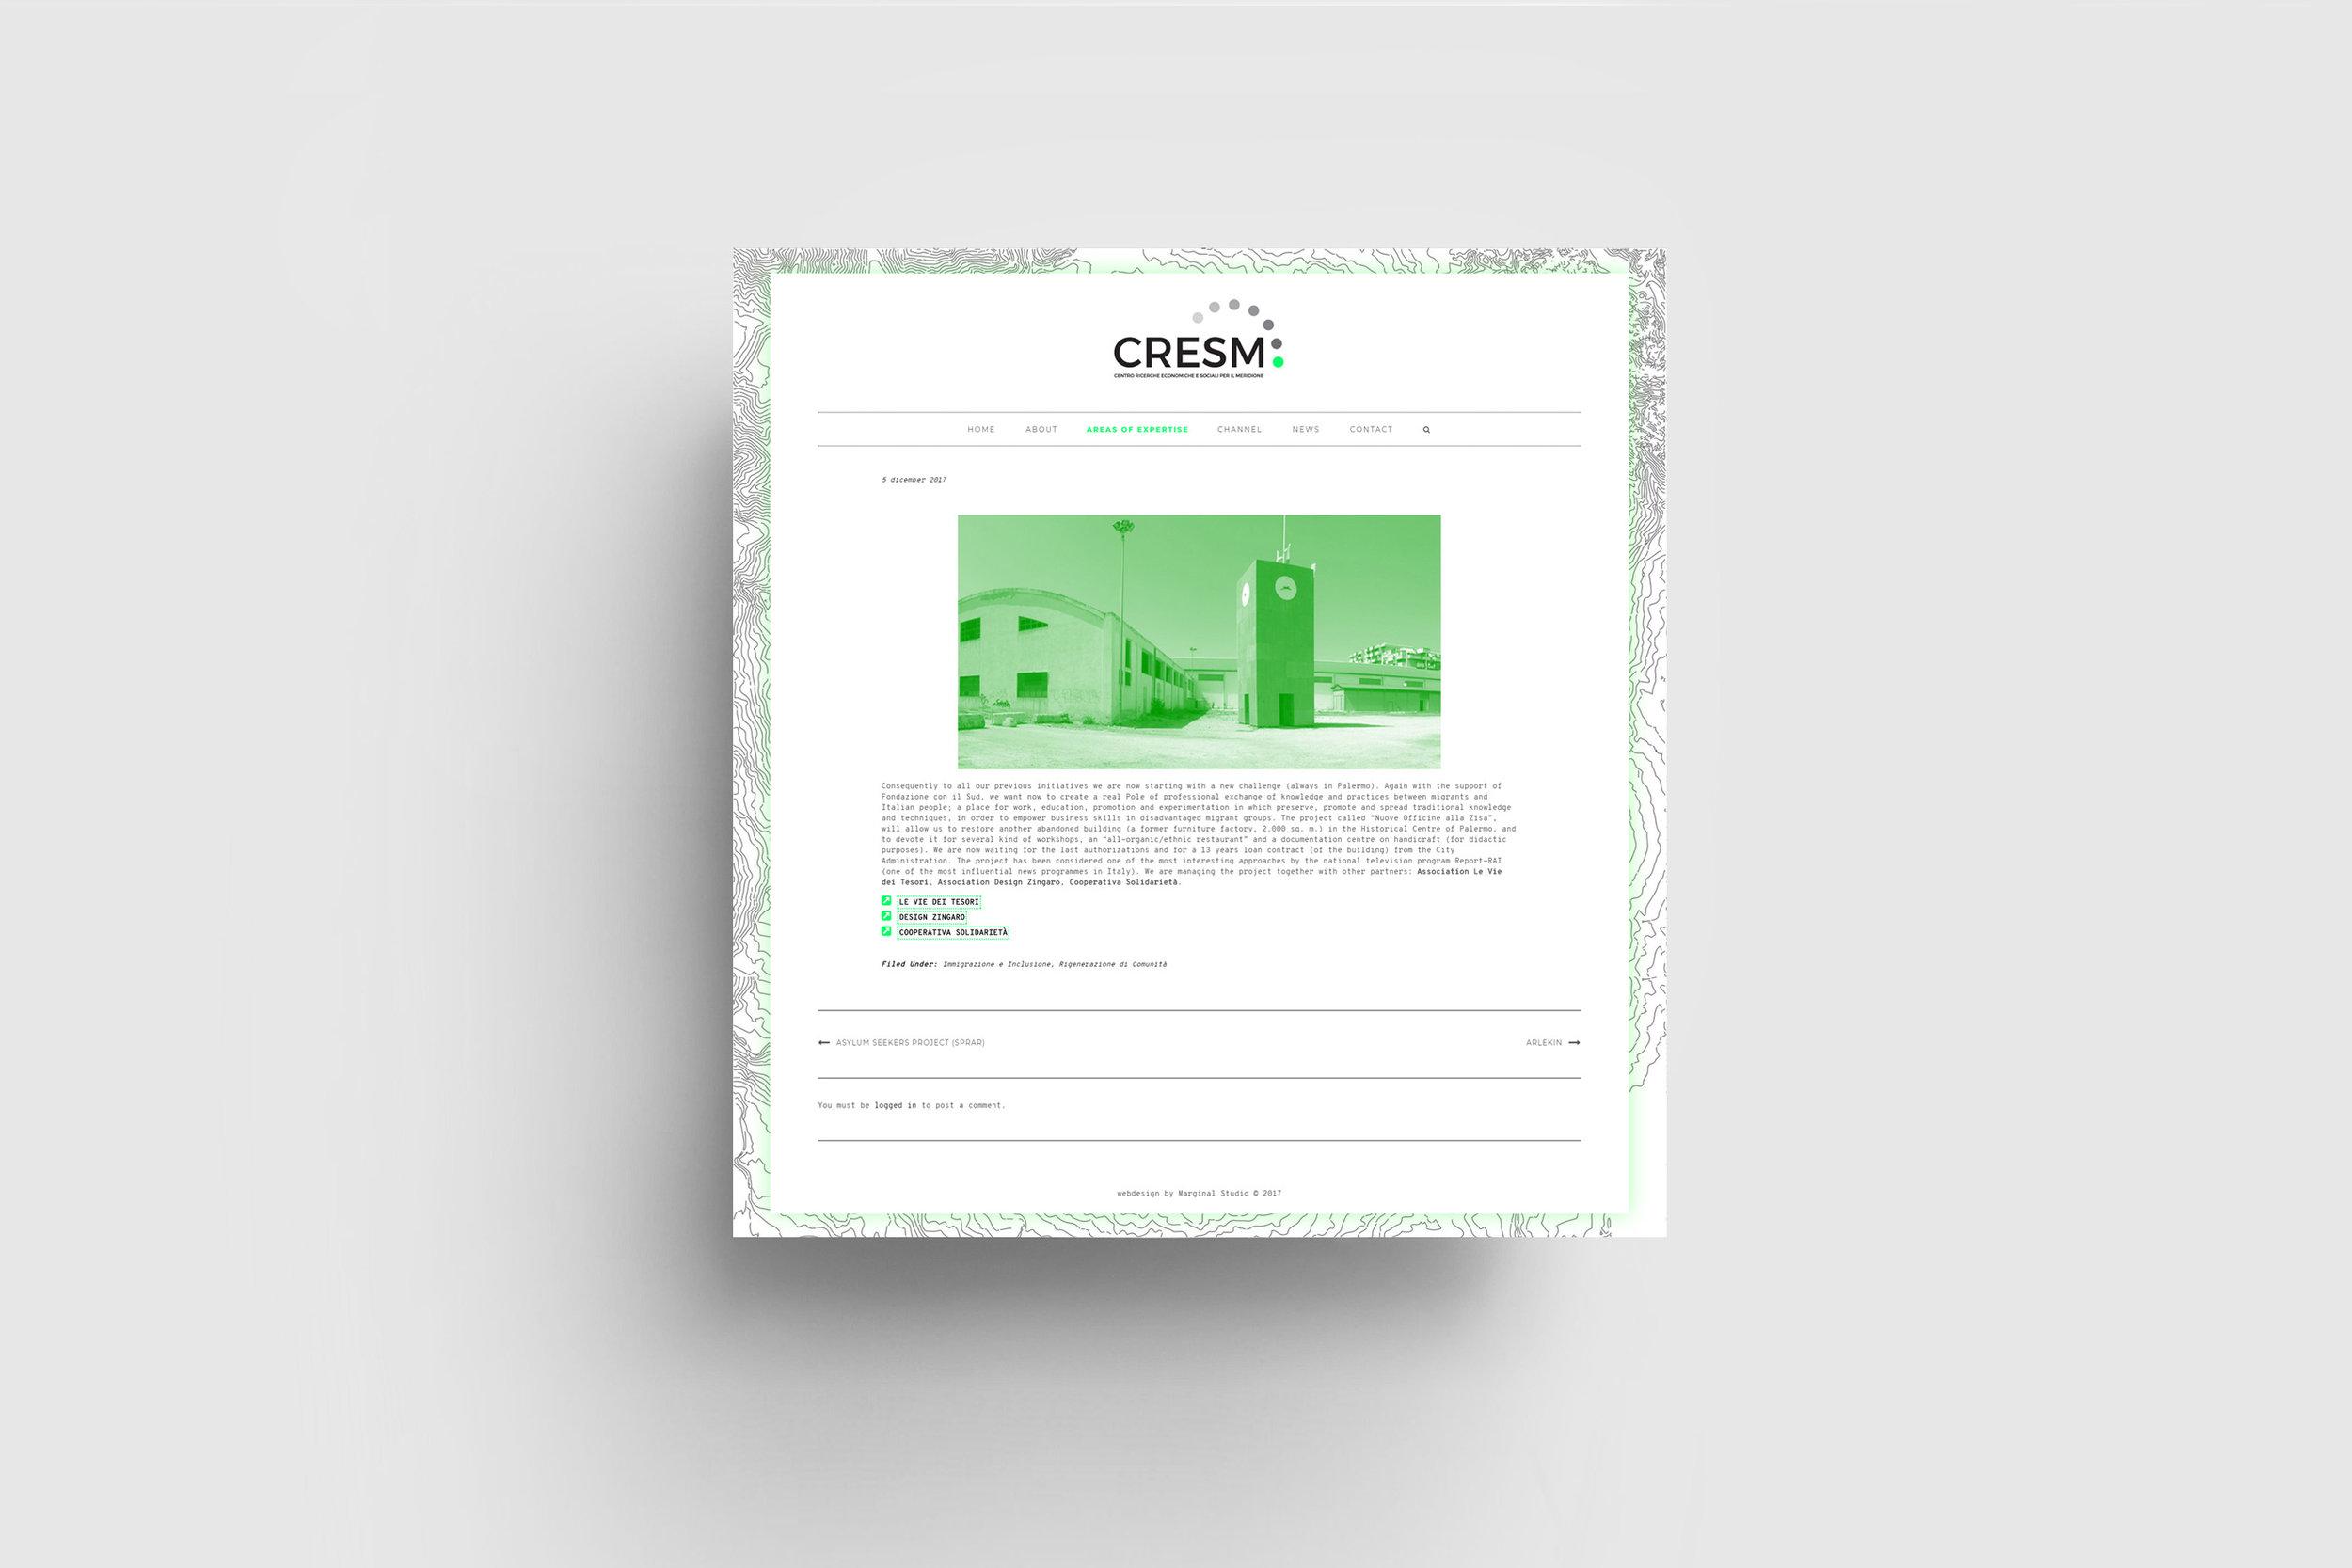 Cresm_DESKTOP - Project.jpg